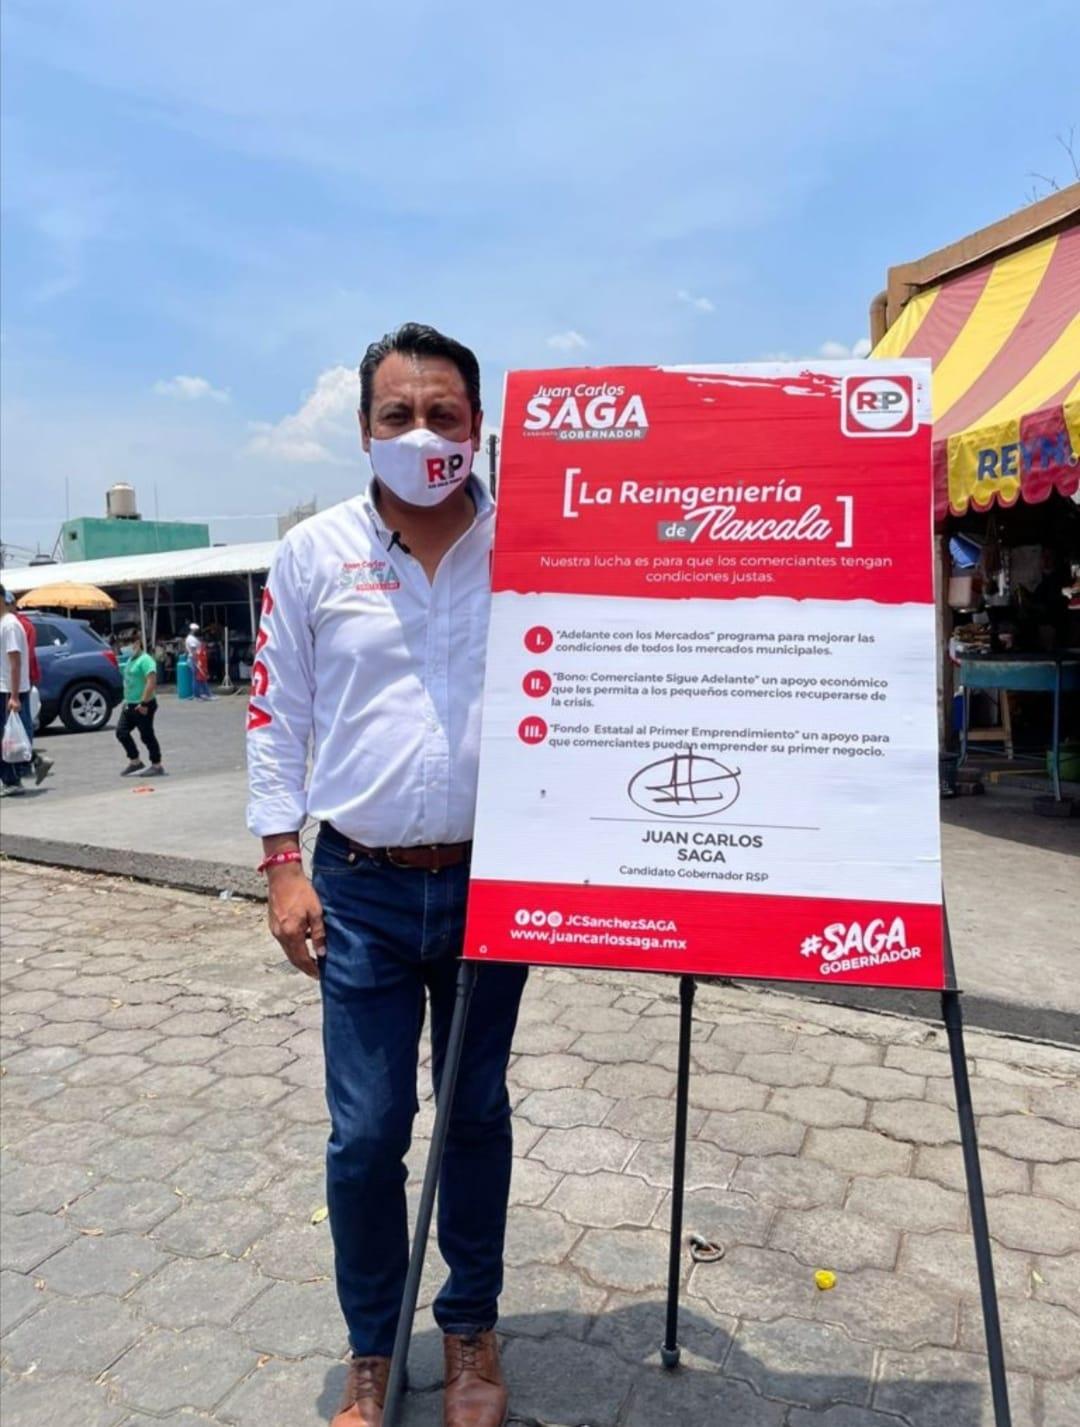 SAGA buscará detonar la economía de Tlaxcala a través de los mercados